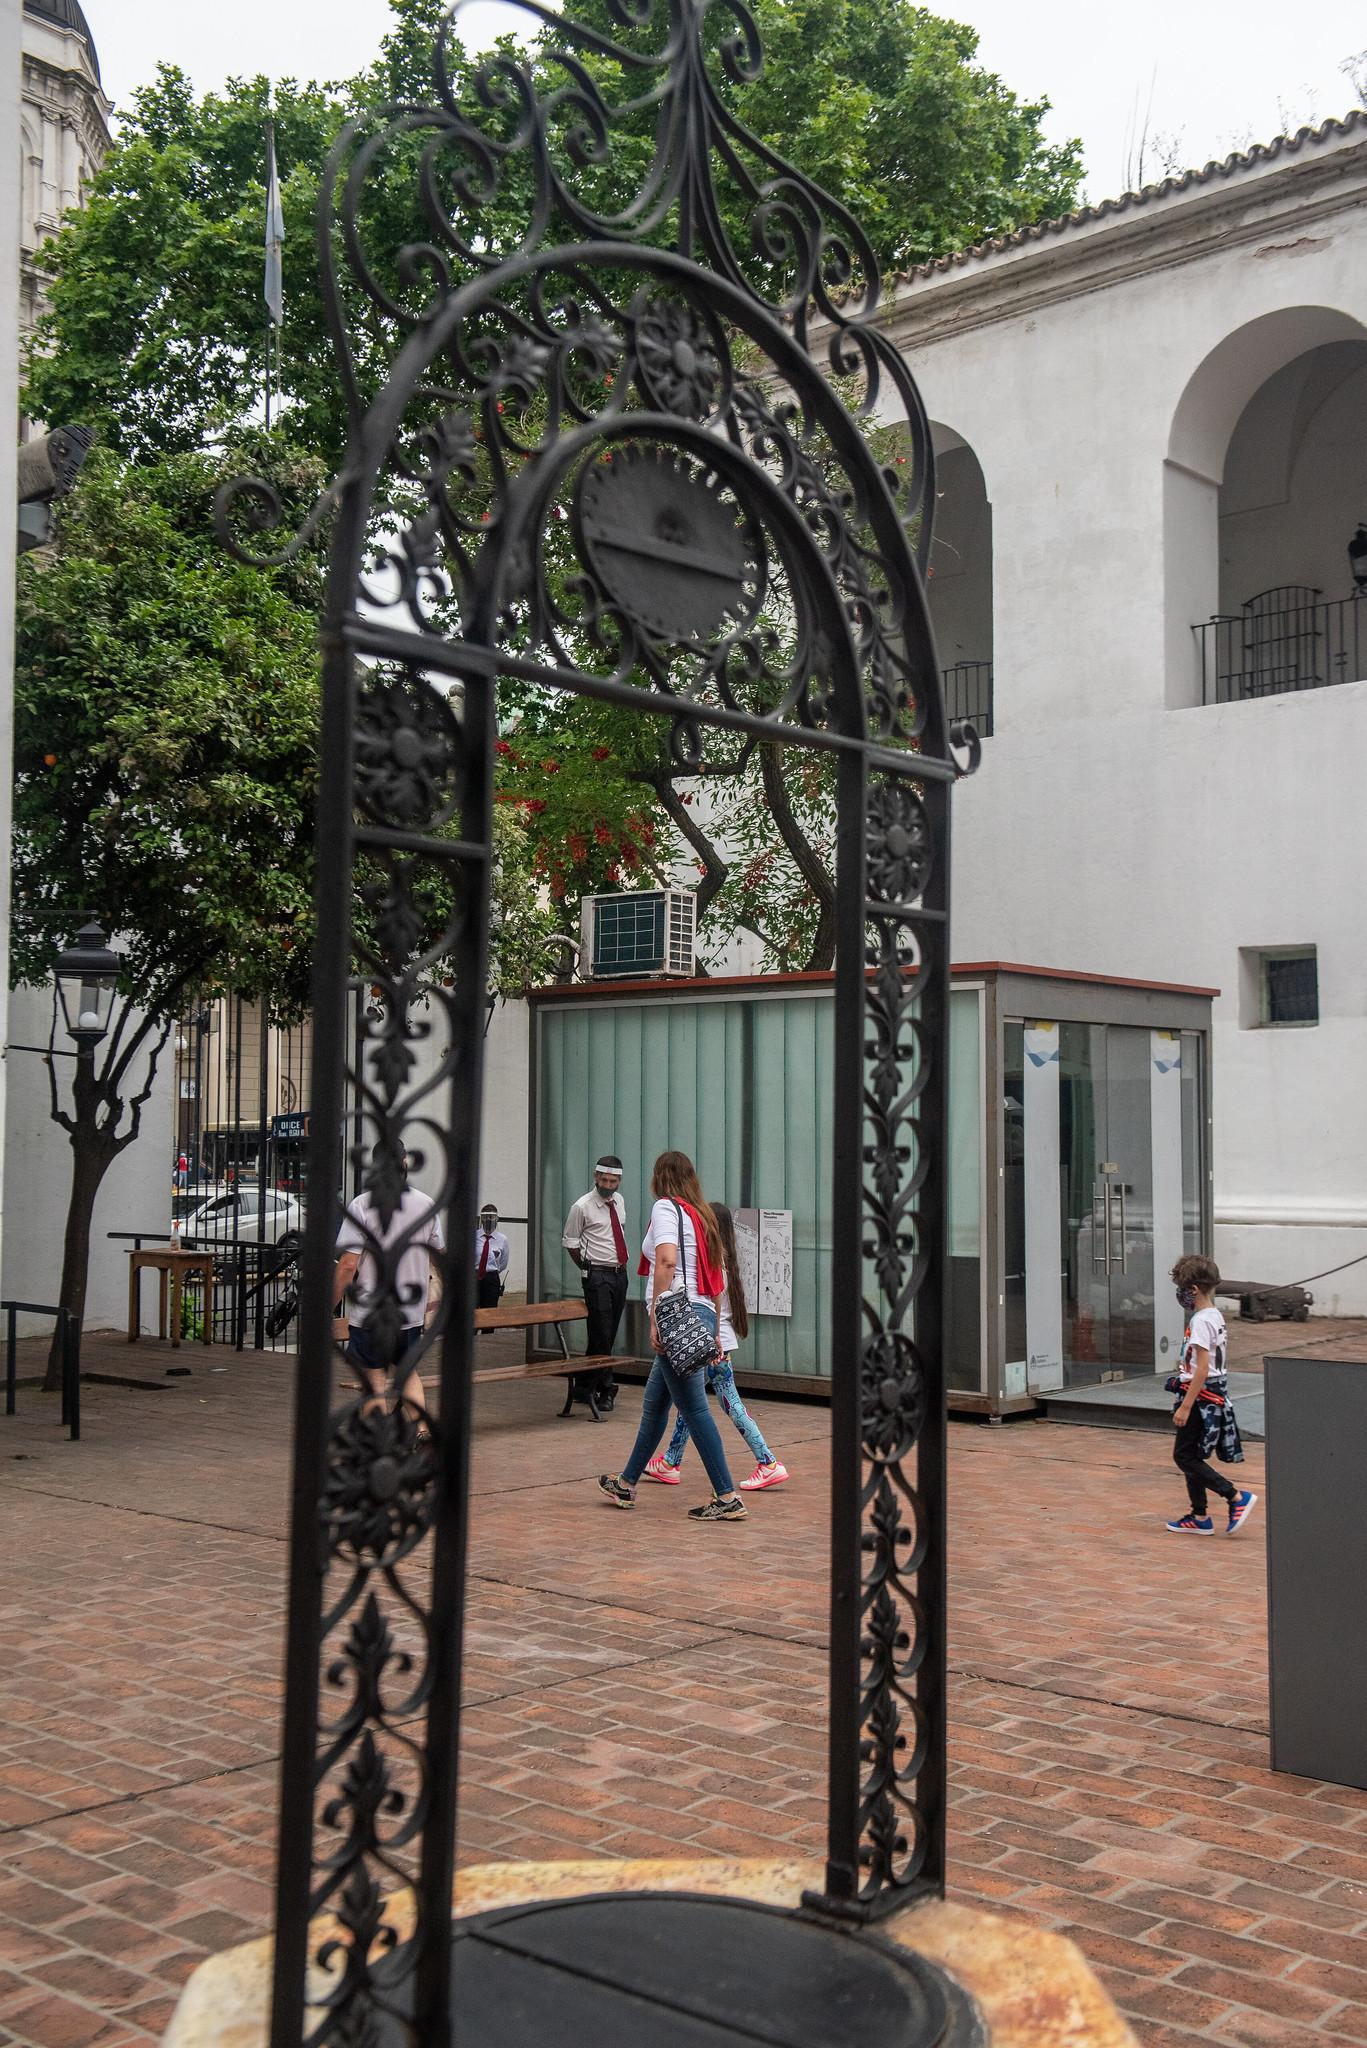 Familias enteras pudieron disfrutar de todas las instalaciones del museo, tanto su patio como sus salas internas (Ministerio de Cultura)